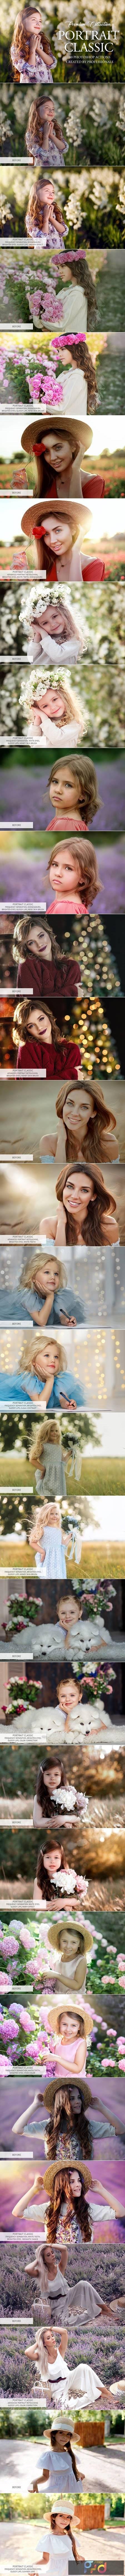 Classic Portrait Photoshop Actions 3545232 1